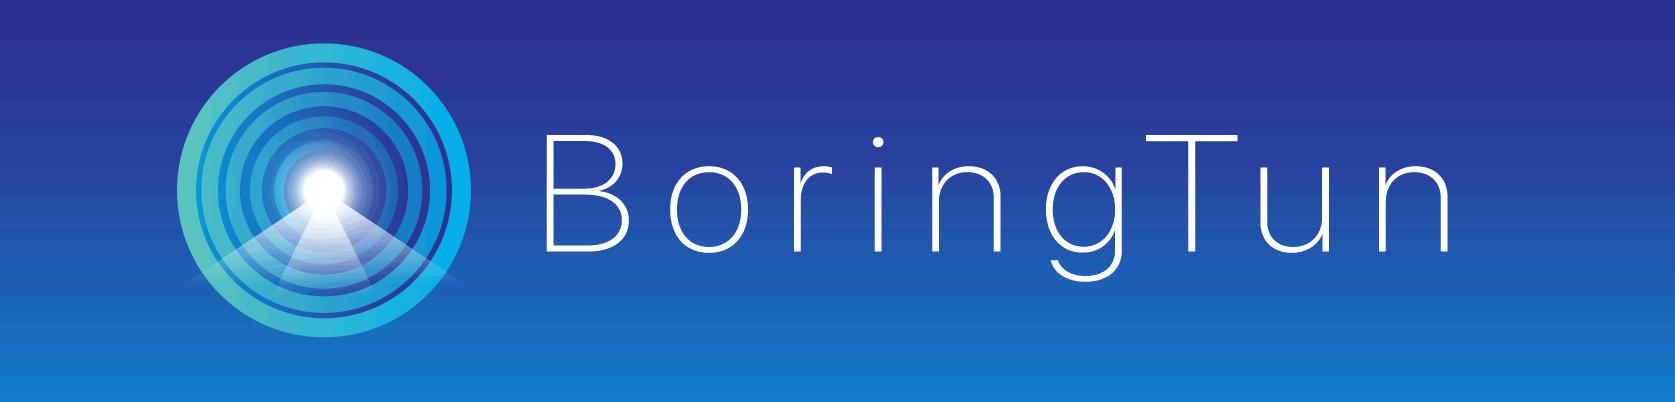 boringtun logo banner